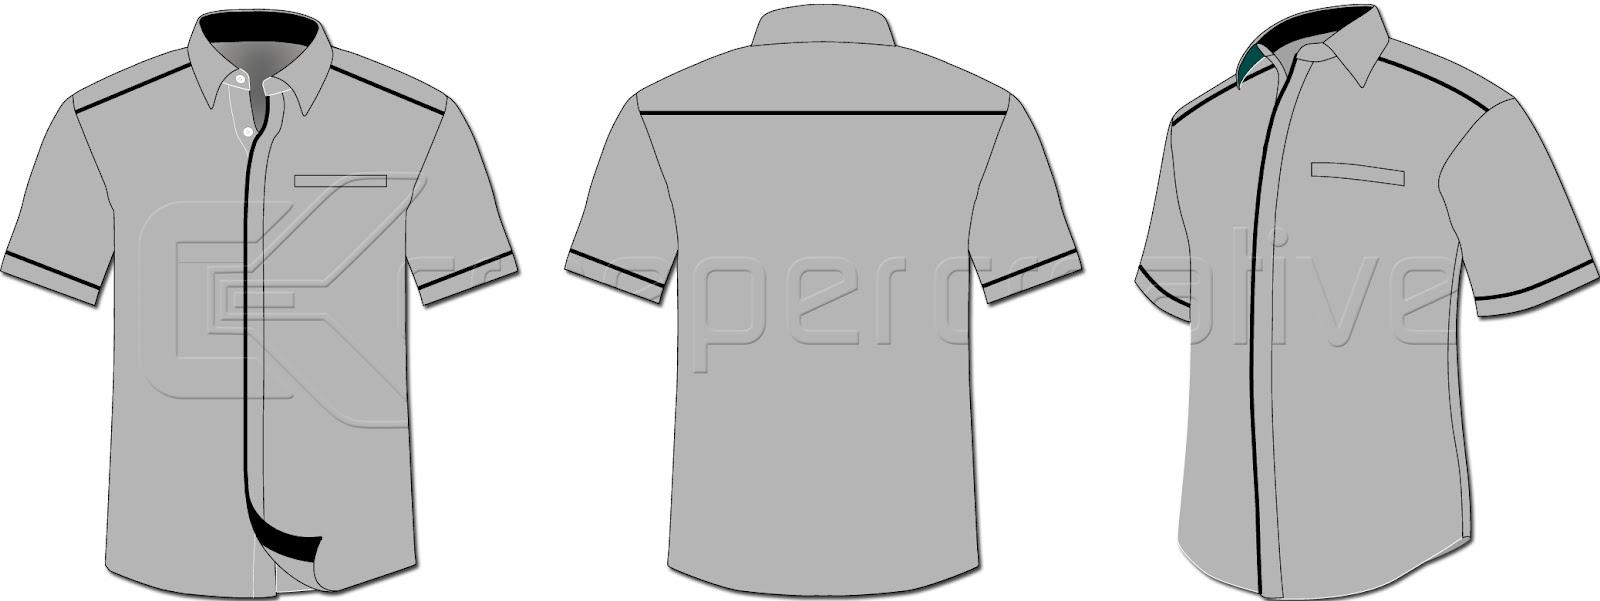 F1 Uniform: F1 Uniform CS 02 Series